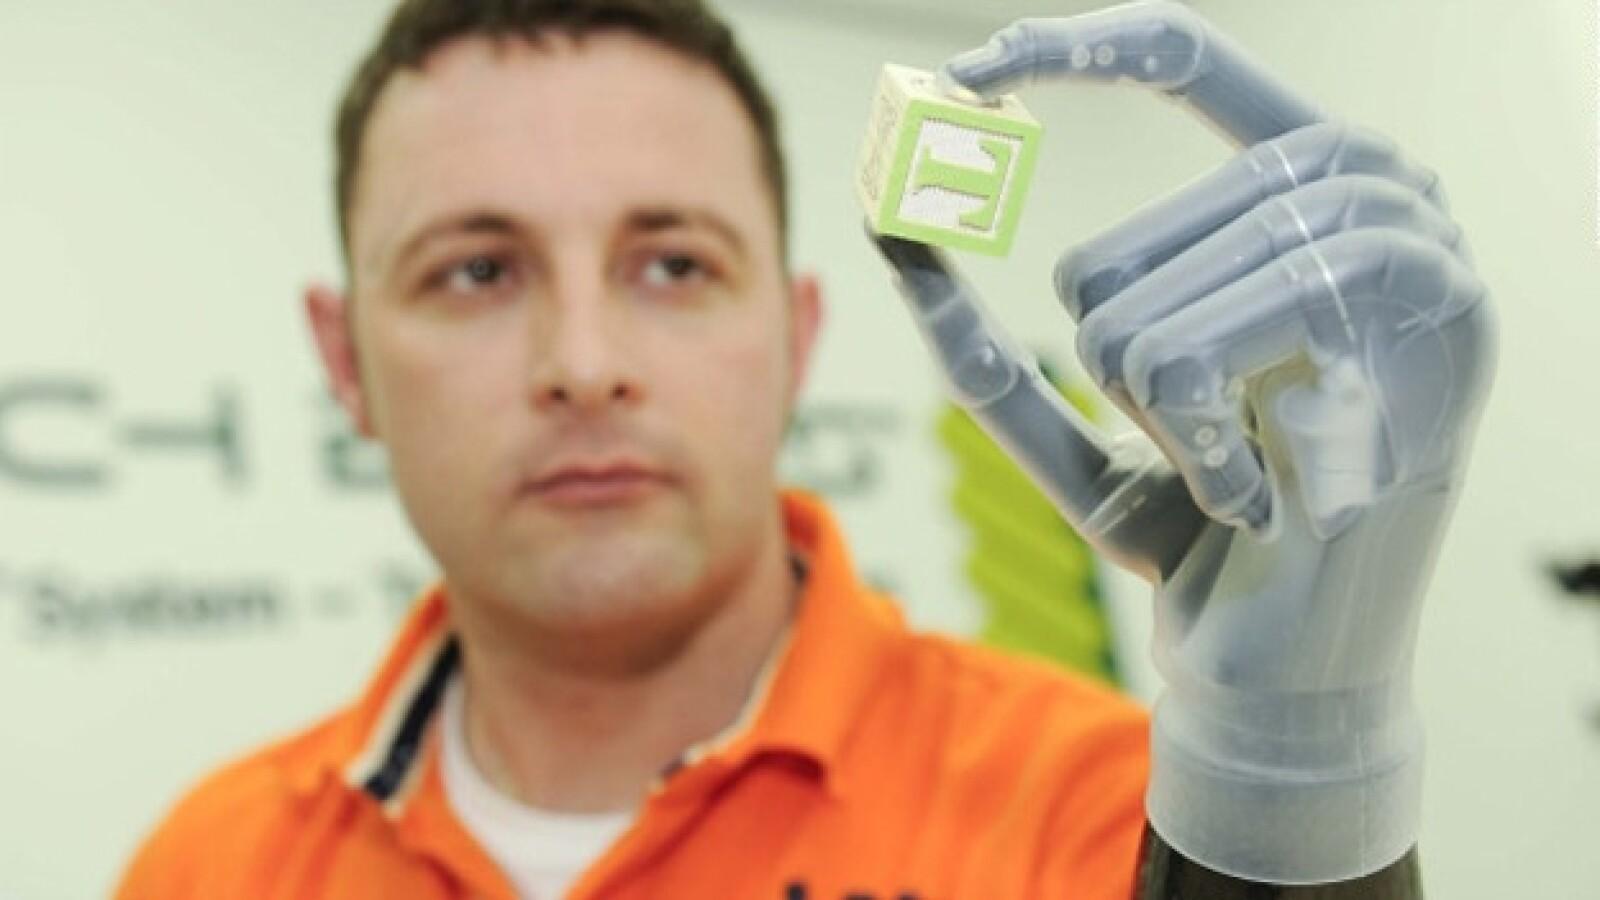 protesis operada cerecbro chip